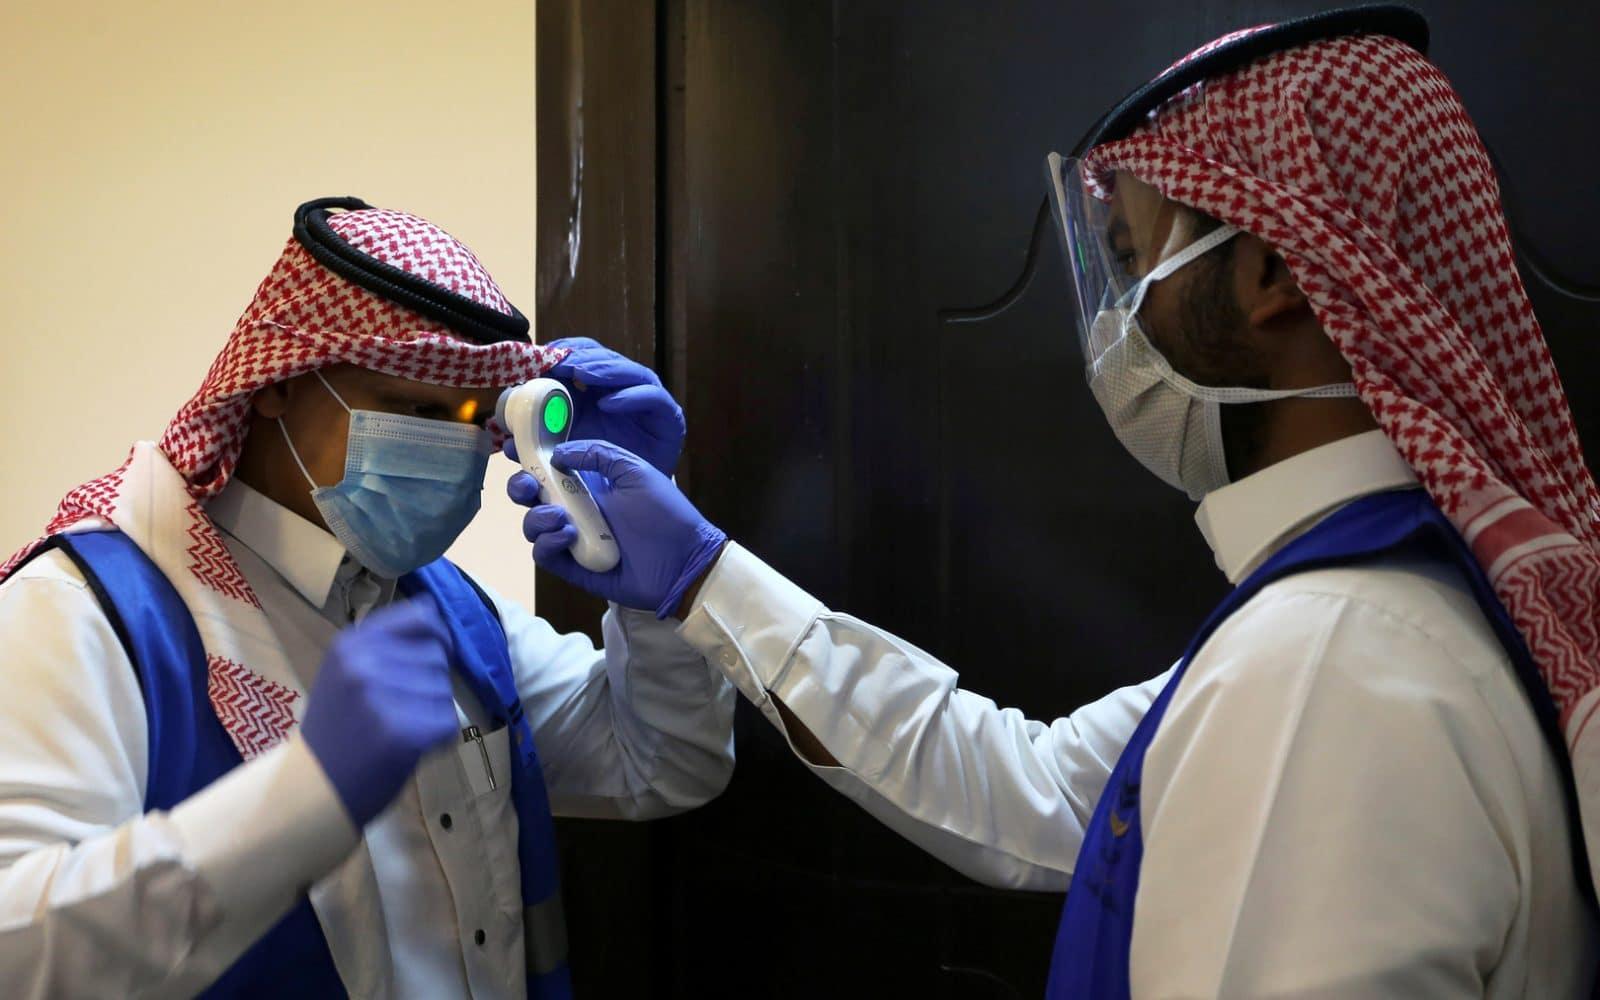 السعودية تسجل 3123 اصابة جديدة بكورونا و41 حالة وفاة